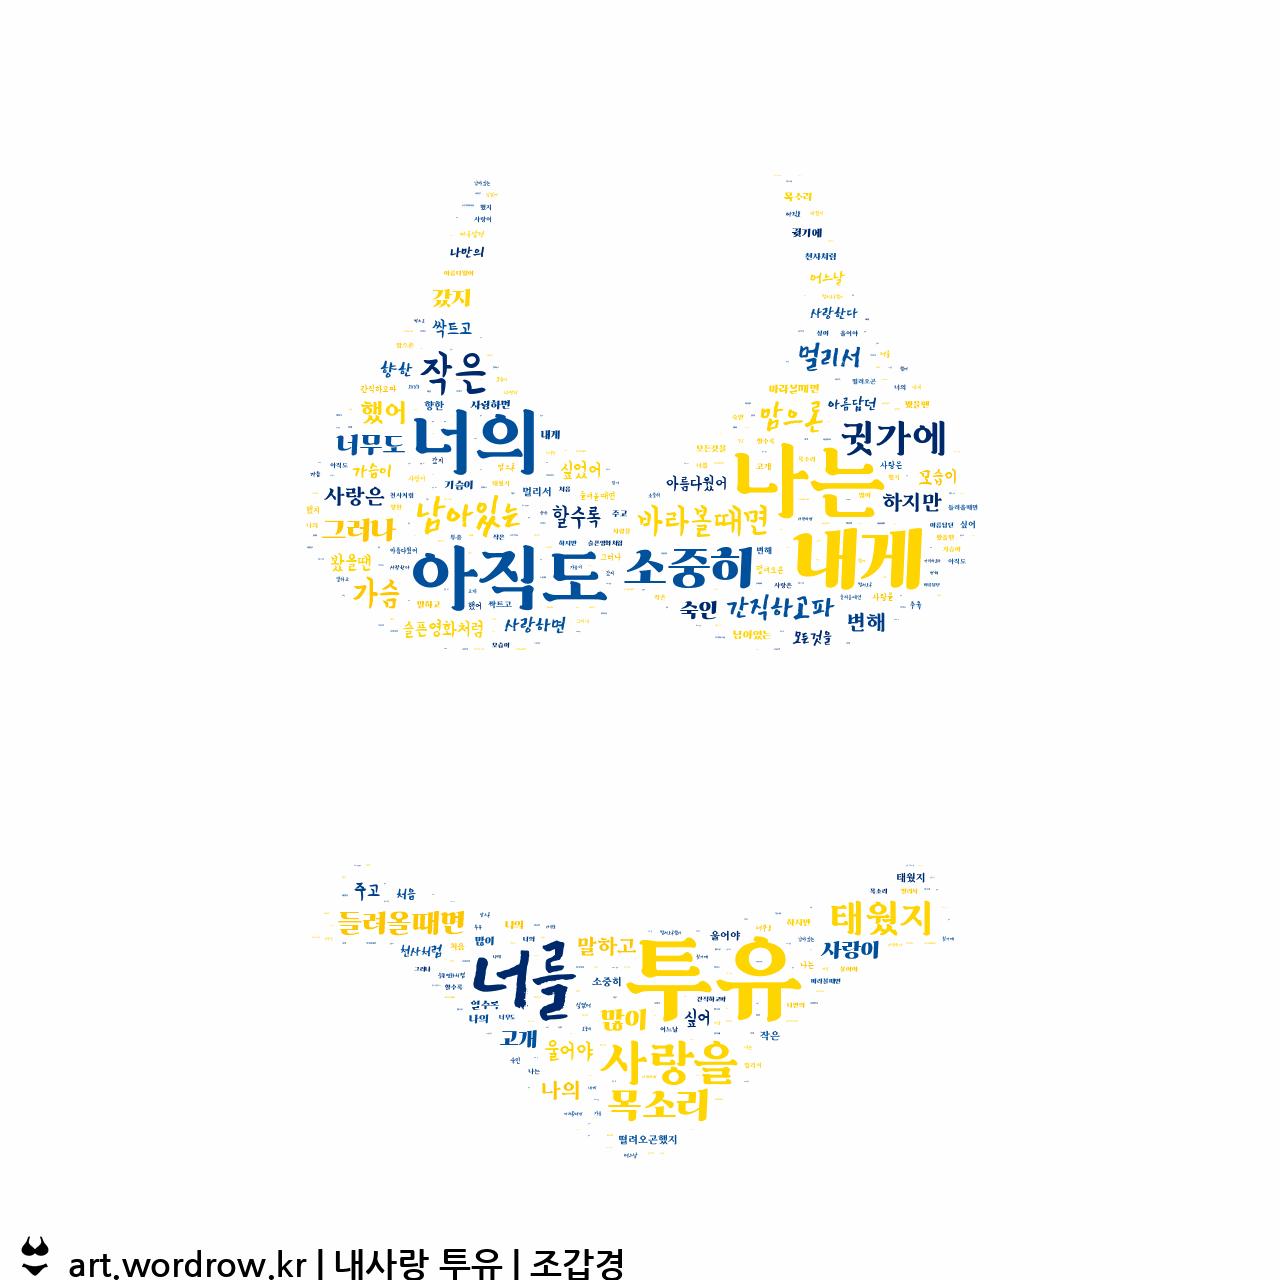 워드 클라우드: 내사랑 투유 [조갑경]-2